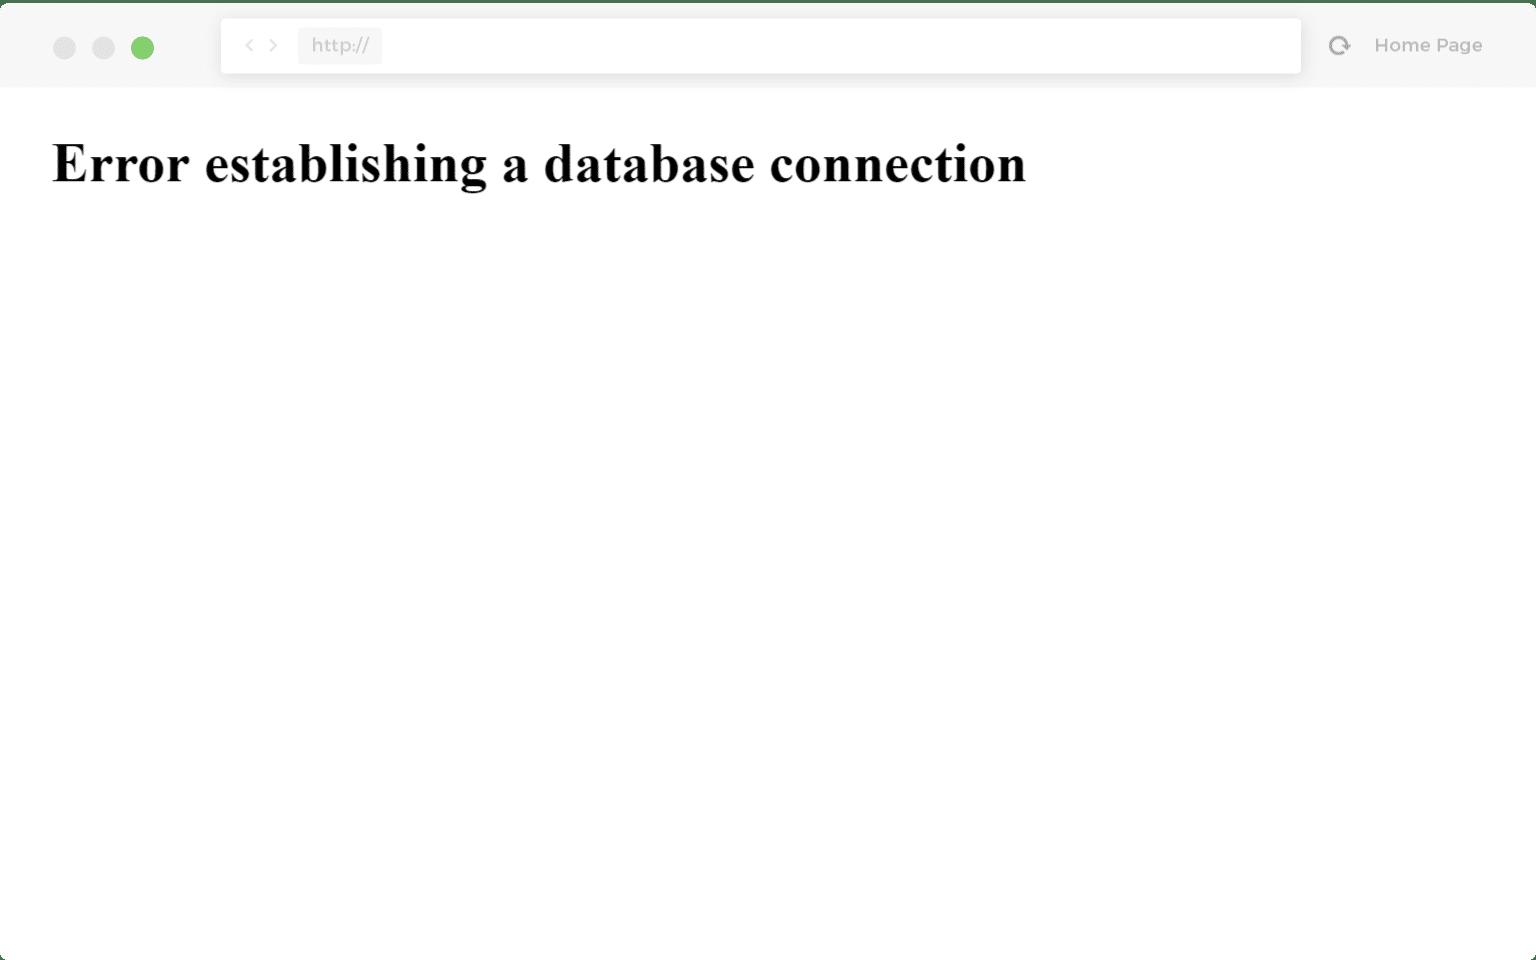 Esempio di errore durante la creazione di una connessione al database